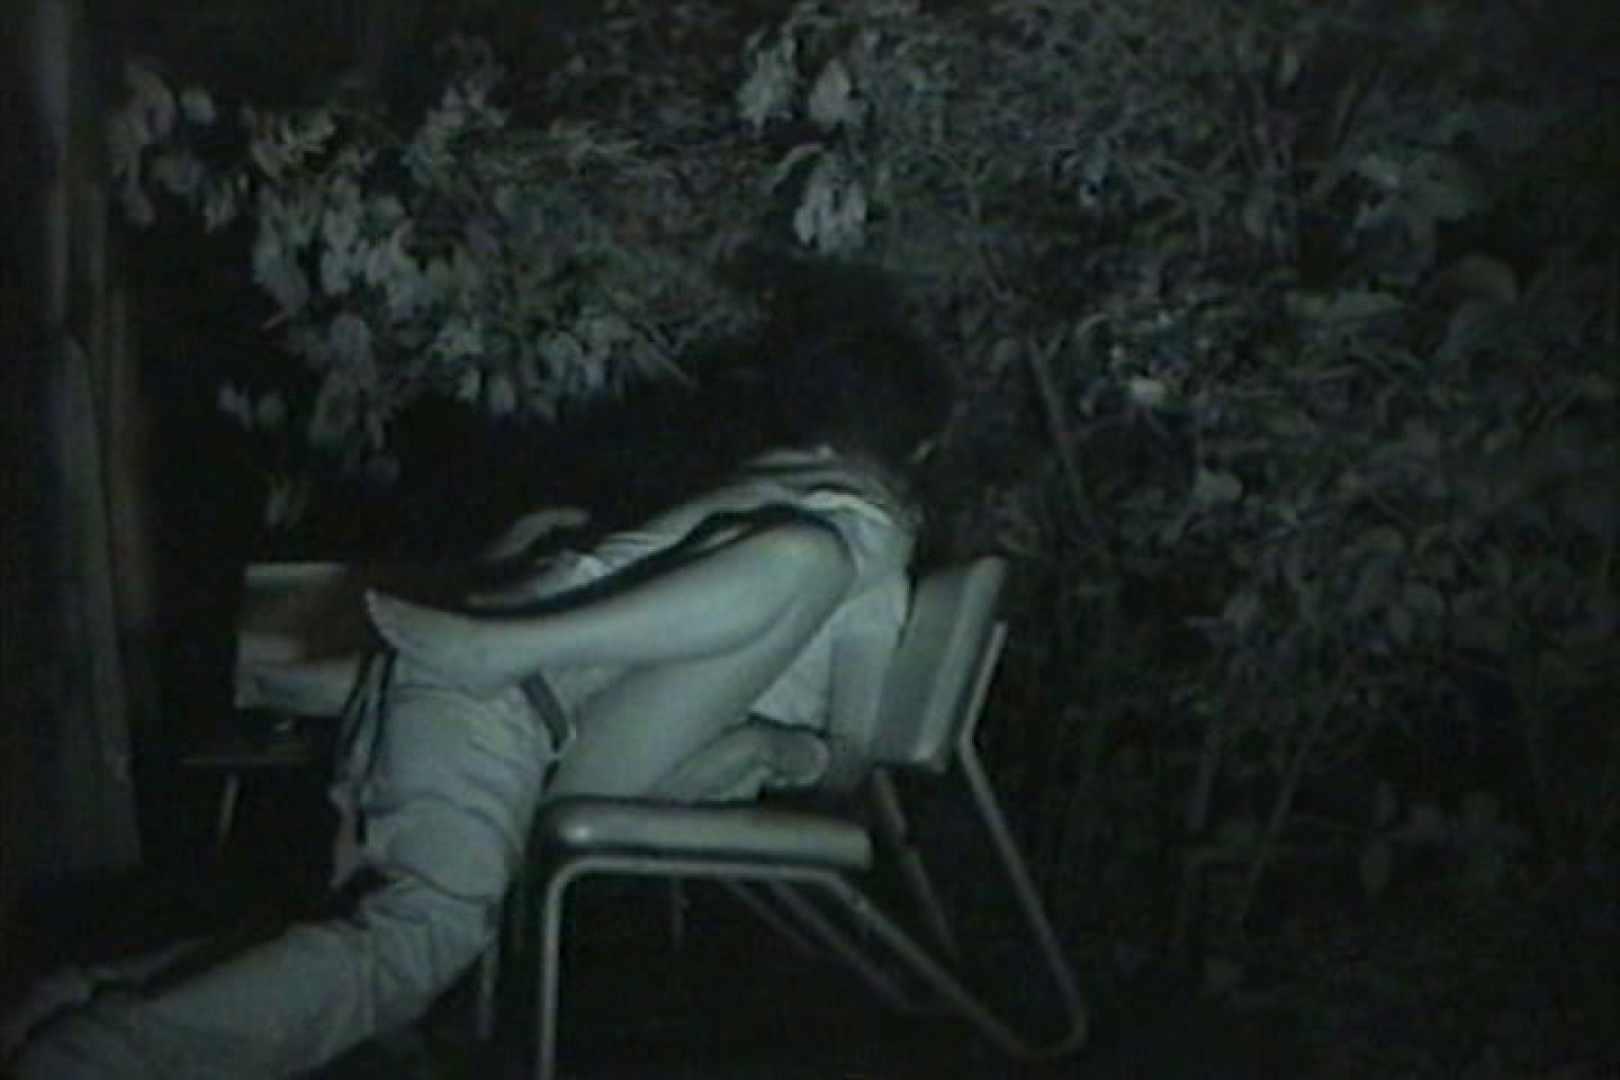 闇の仕掛け人 無修正版 Vol.25 美しいOLの裸体 | 0  102pic 17